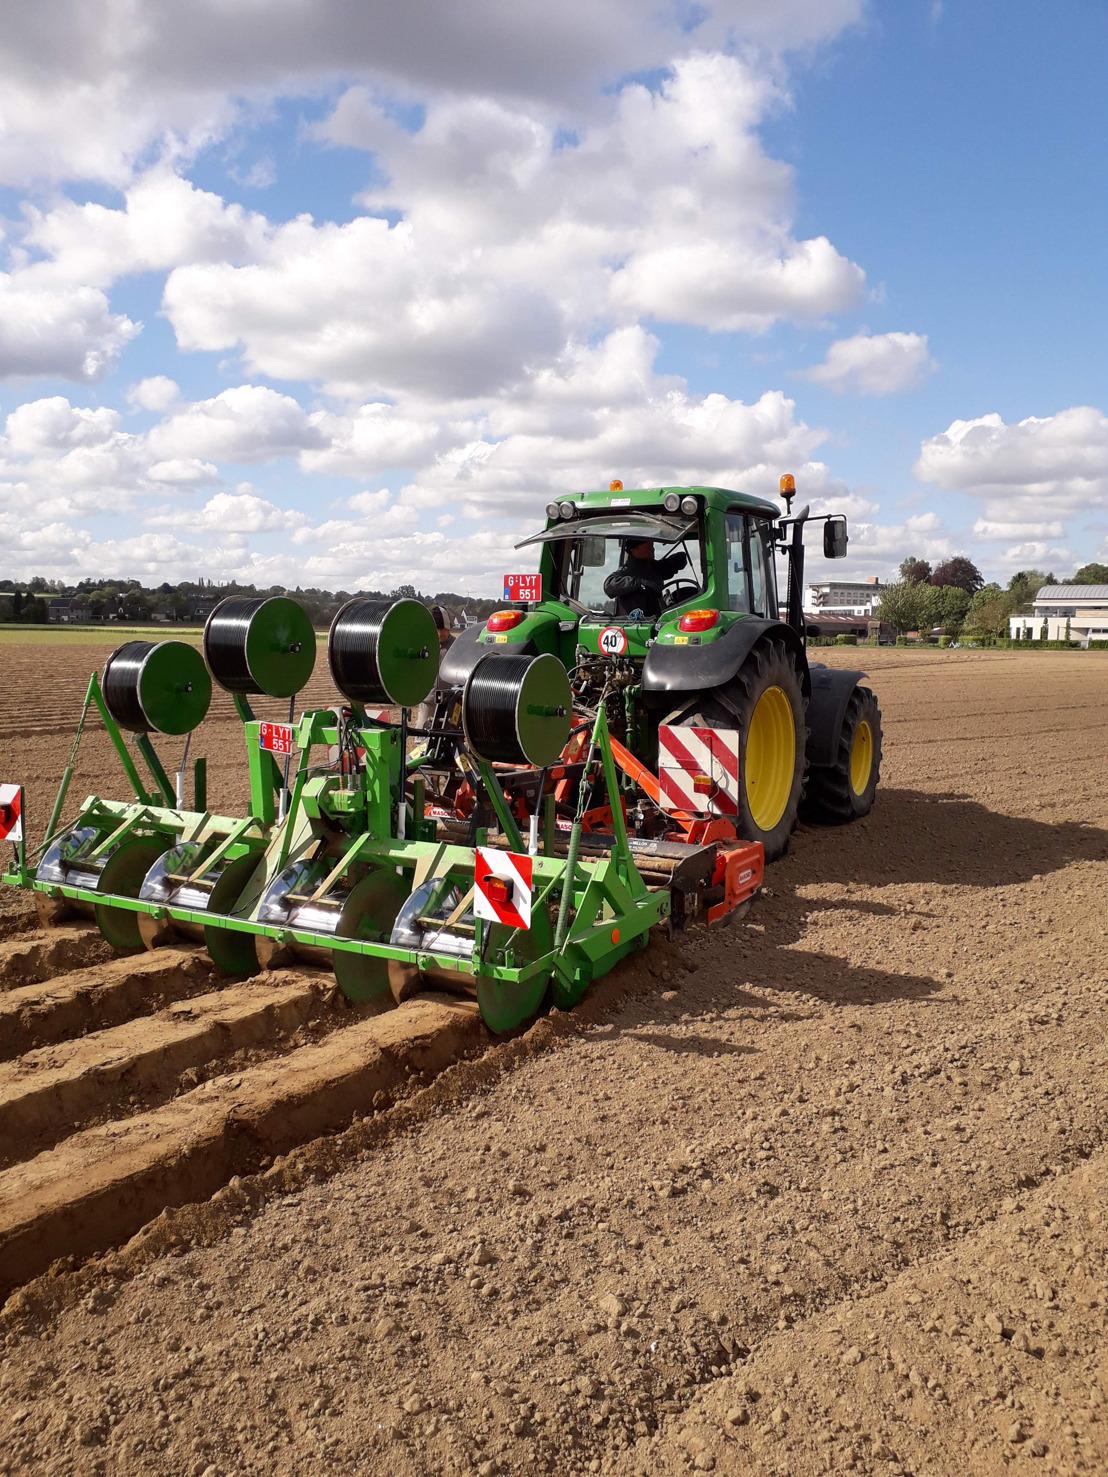 Praktijkpunt Landbouw Vlaams-Brabant zet in op strijd tegen droogte via druppelirrigatie en nieuwe gewassen